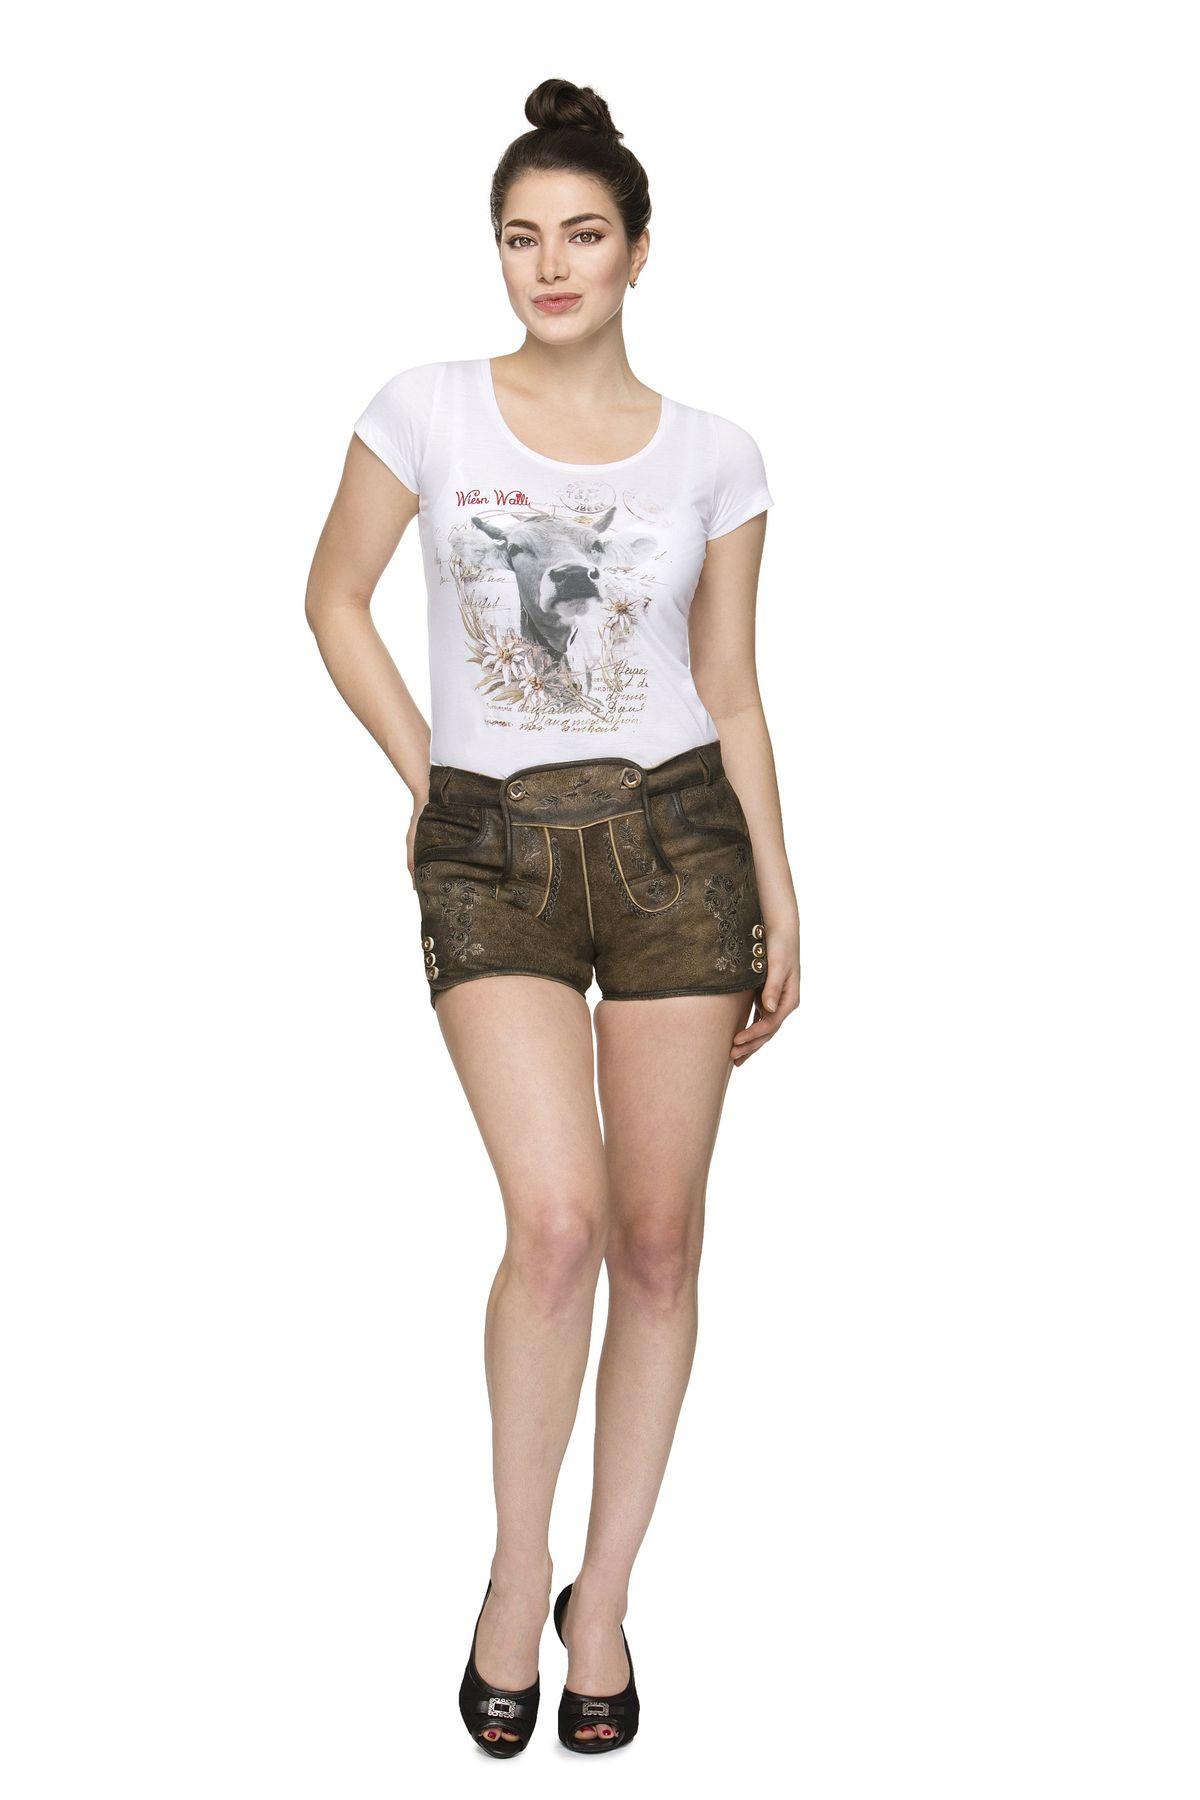 Stockerpoint - Damen Trachten Lederhose kurz, Rosy – Bild 2